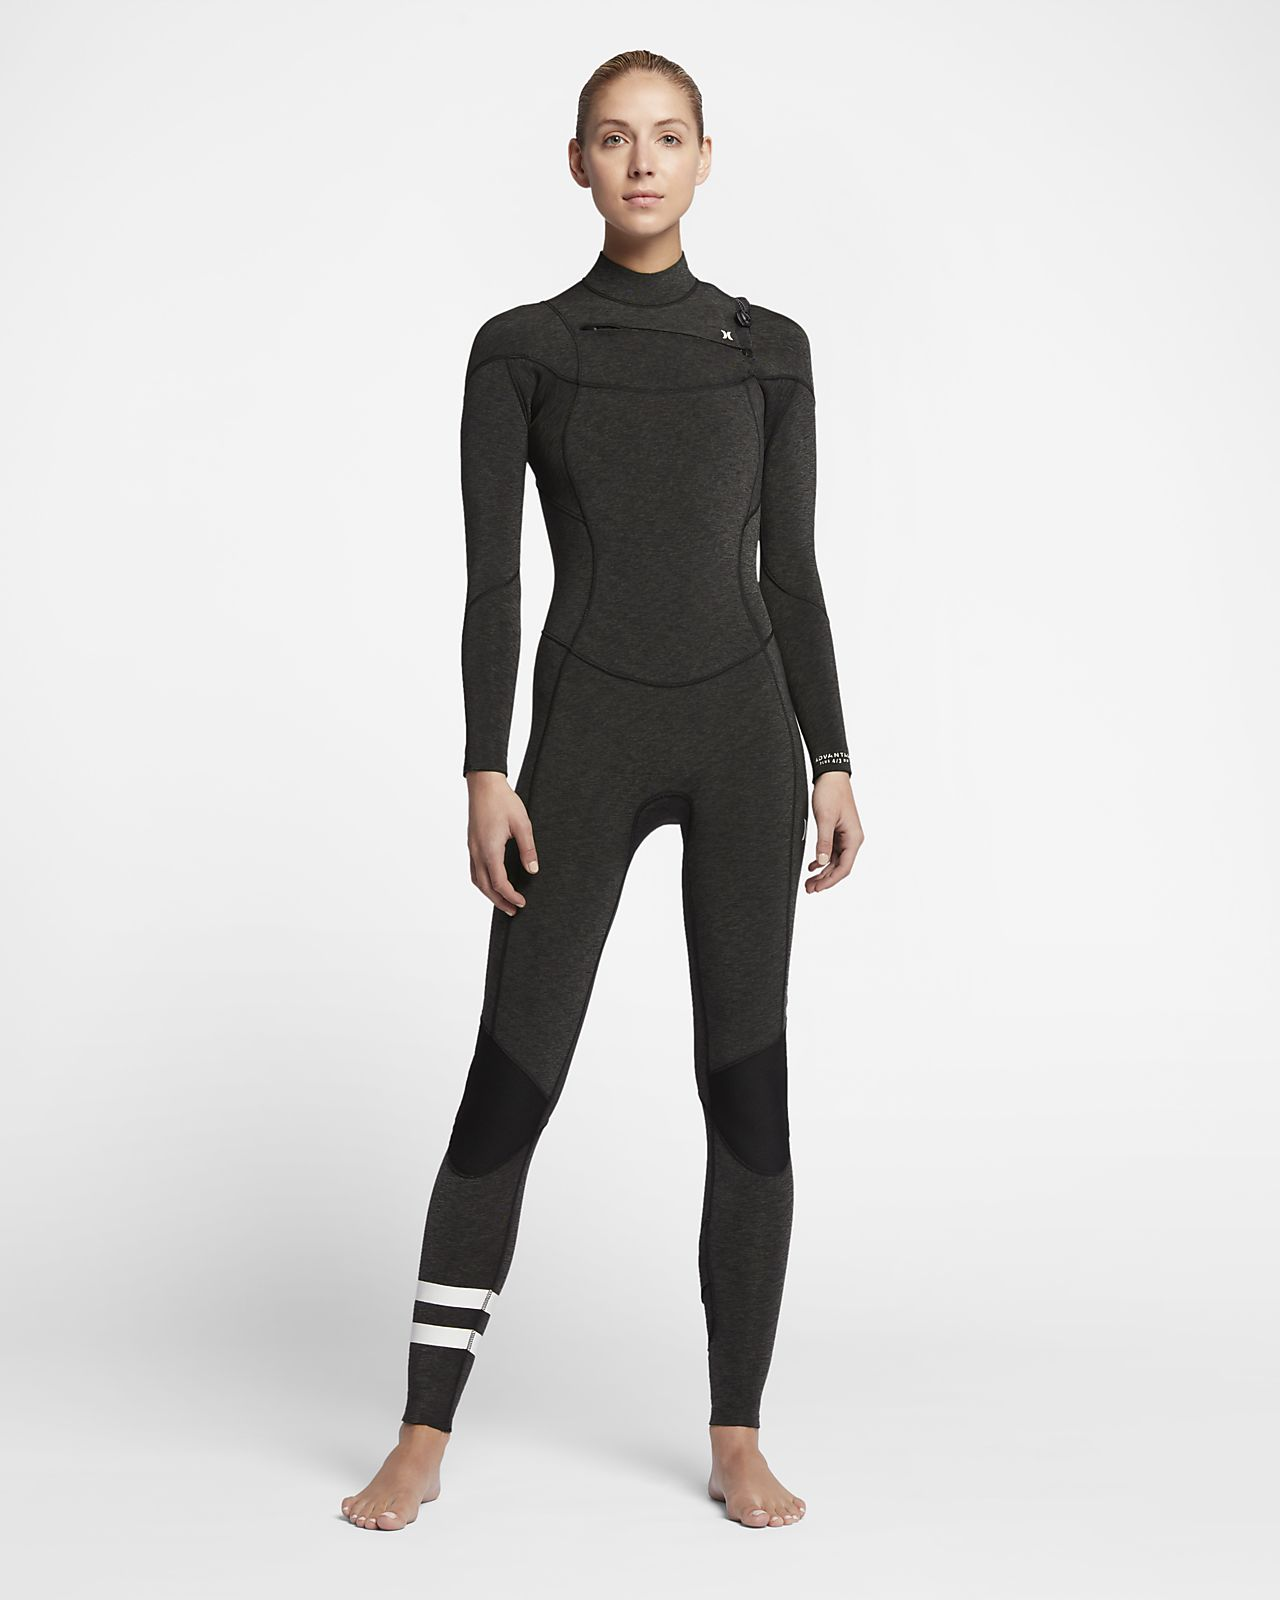 Hurley Advantage Plus 4/3mm Fullsuit Women's Wetsuit